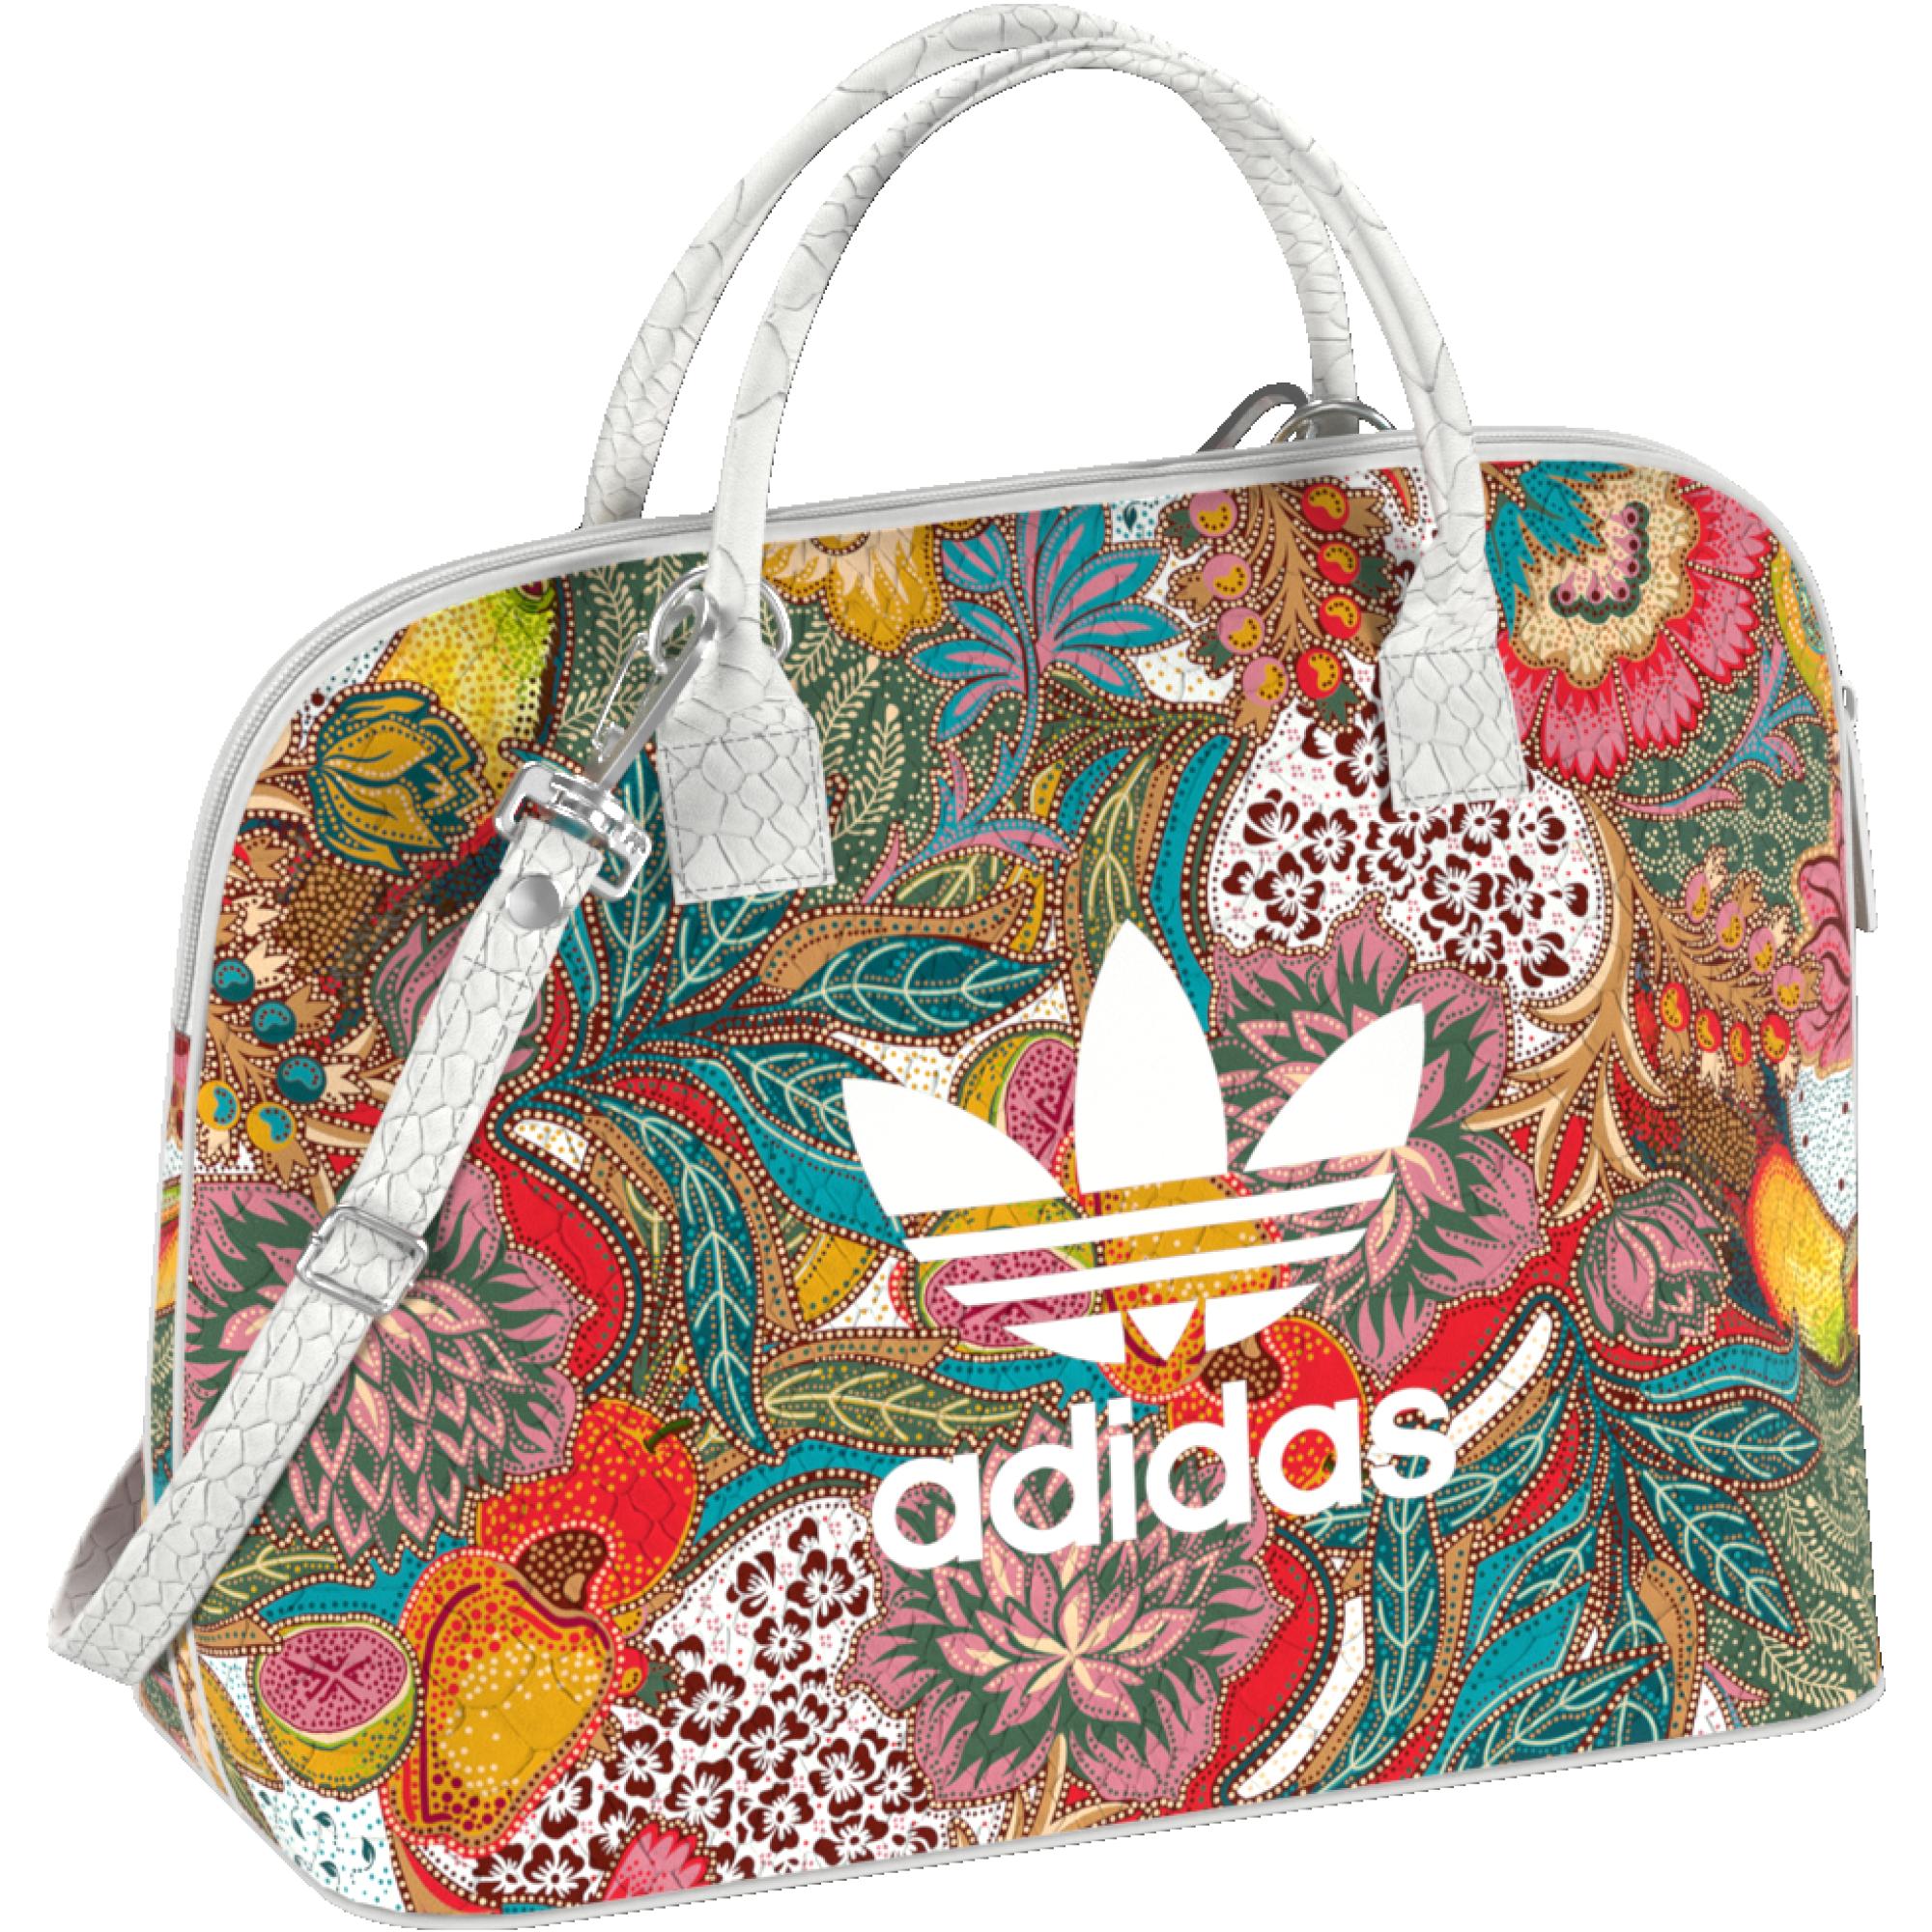 bj9567 Adidas női táska 20e586801d